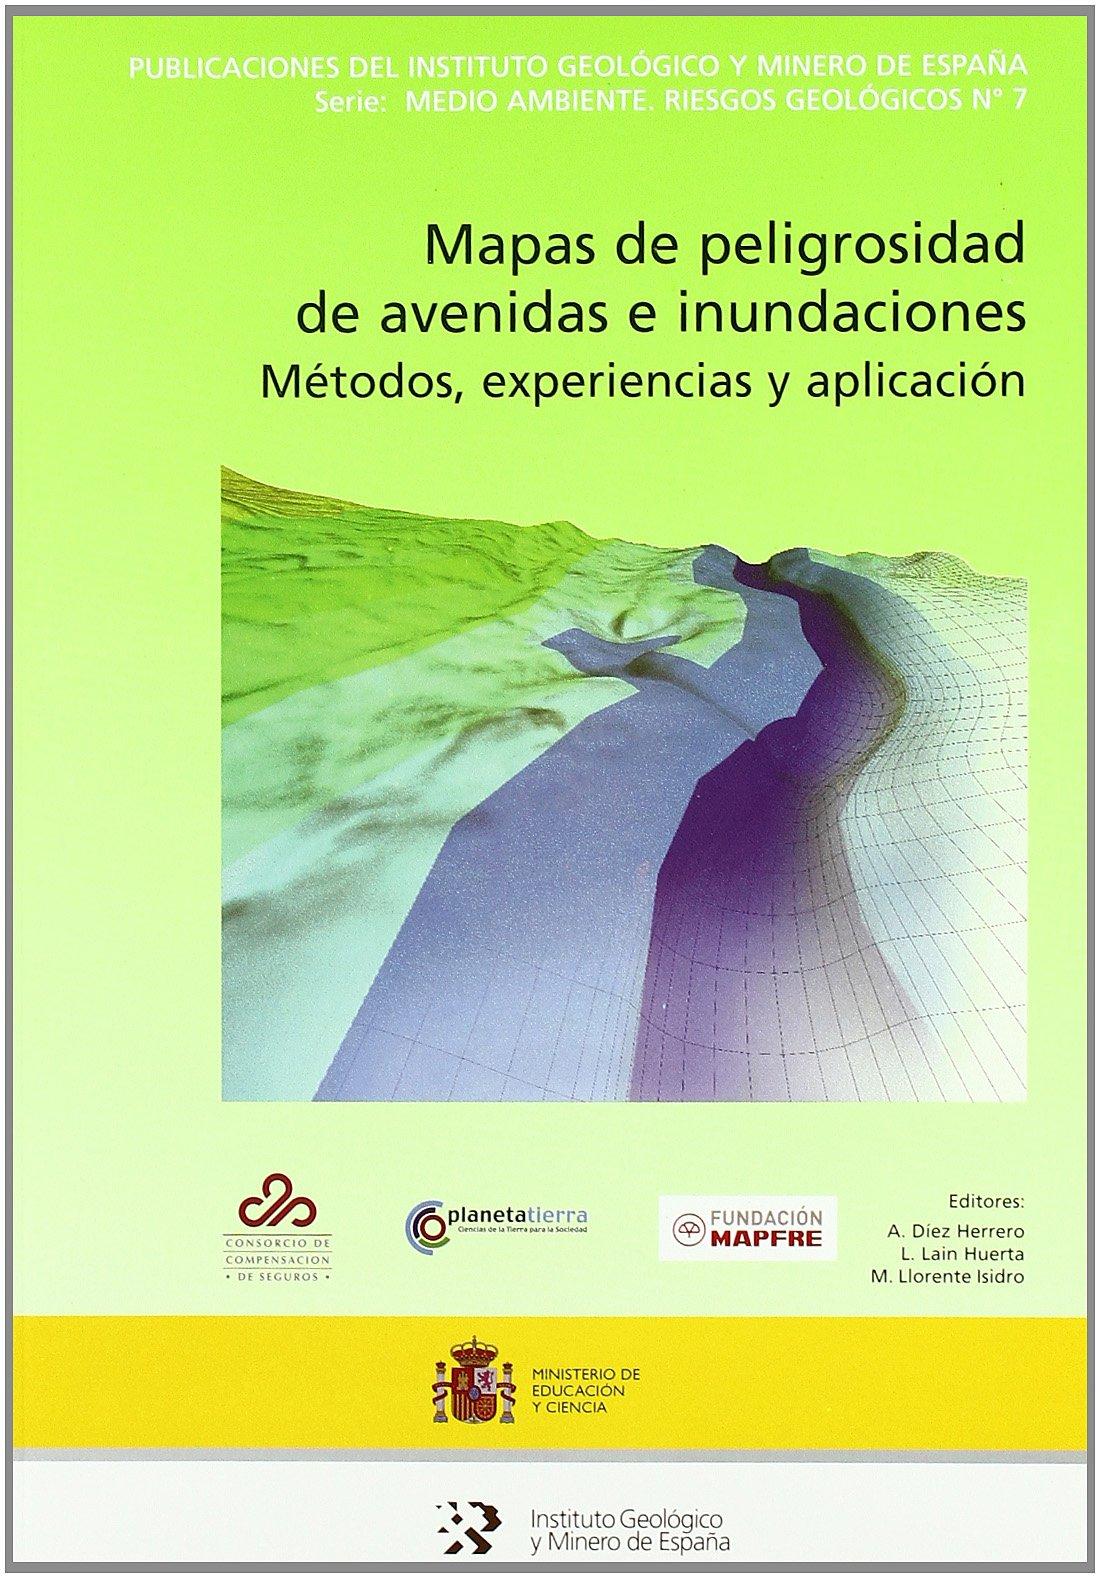 Mapas de peligrosidad de avenidas e inundaciones: Métodos, experiencias y aplicación: 7 Medio ambiente. Riesgos geológicos: Amazon.es: Diez Herrero Andres: Libros